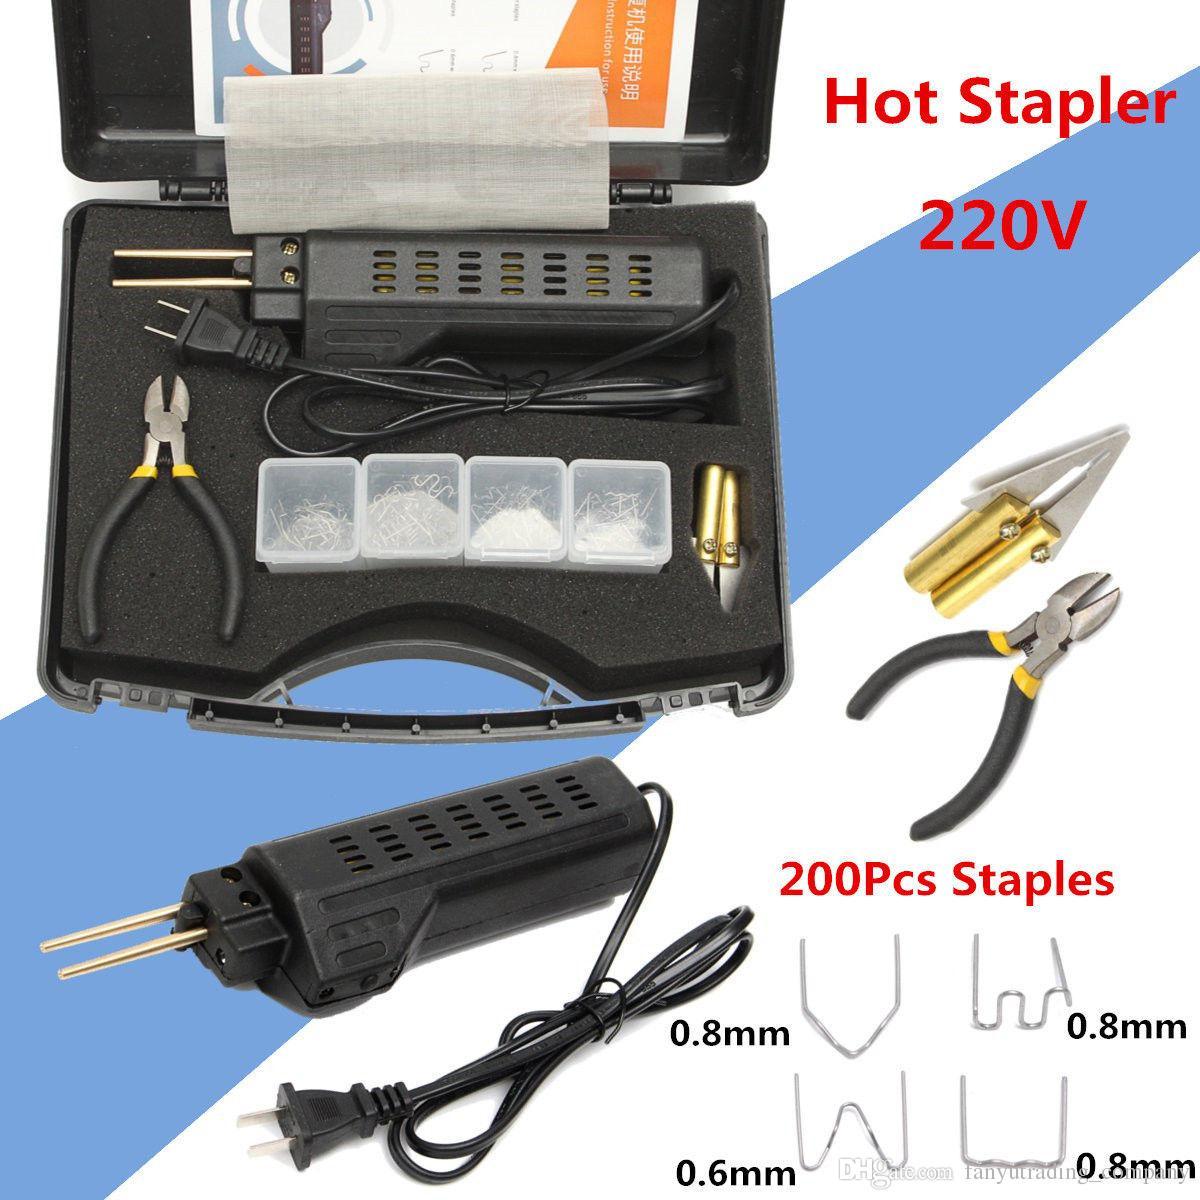 2019 전문 핫 스테이플러 플라스틱 수리 시스템 용접 건 범퍼 페어링 자동 바디 도구 플라스틱 용접기 + 200 스테이플